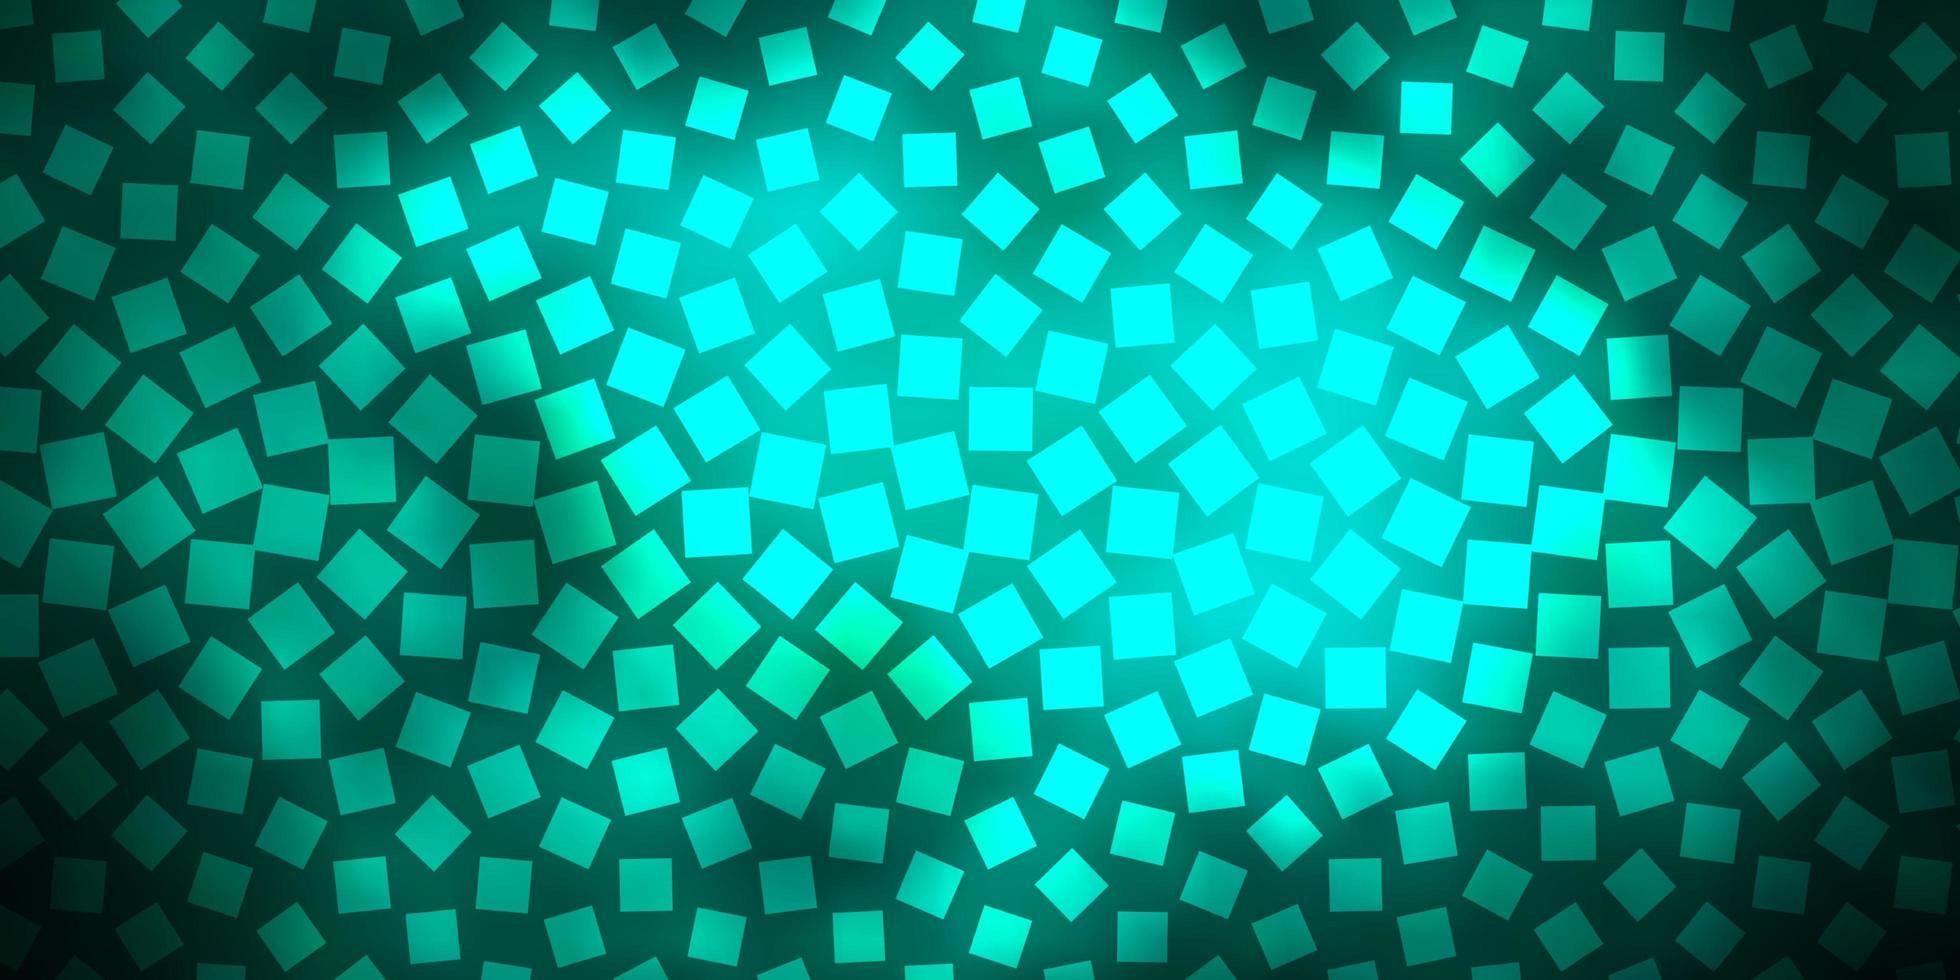 layout de vetor verde escuro com linhas, retângulos.